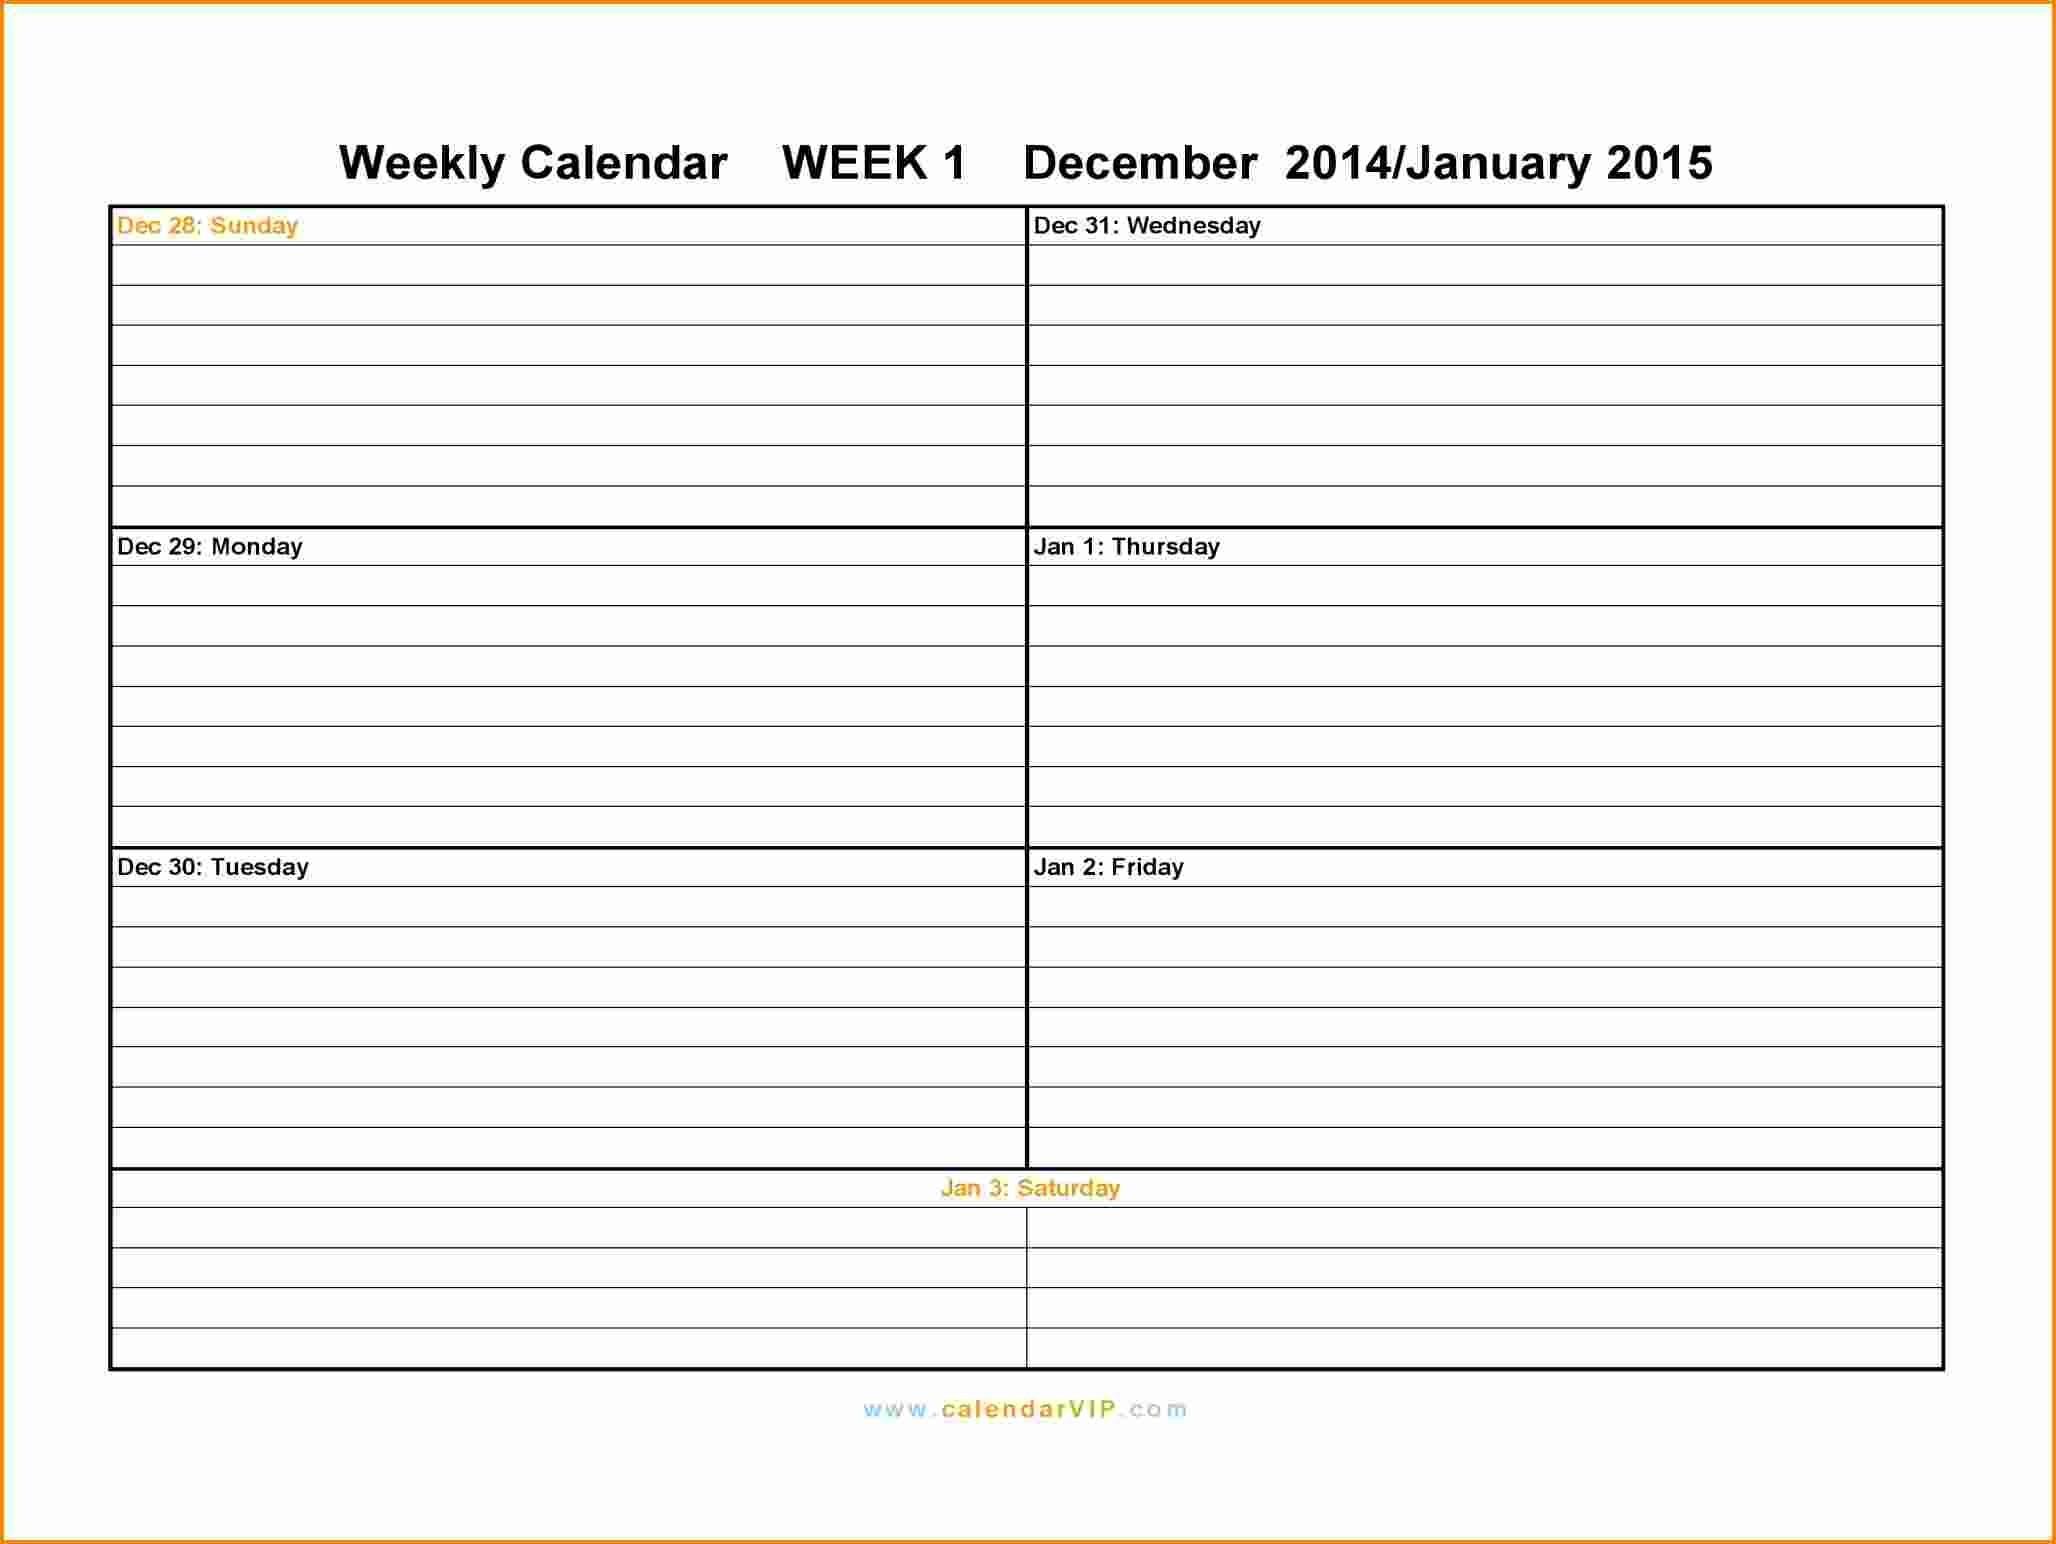 Calendar Template Weekly Weekly Calendar 2015 2 With Weekly Calendar October 2016